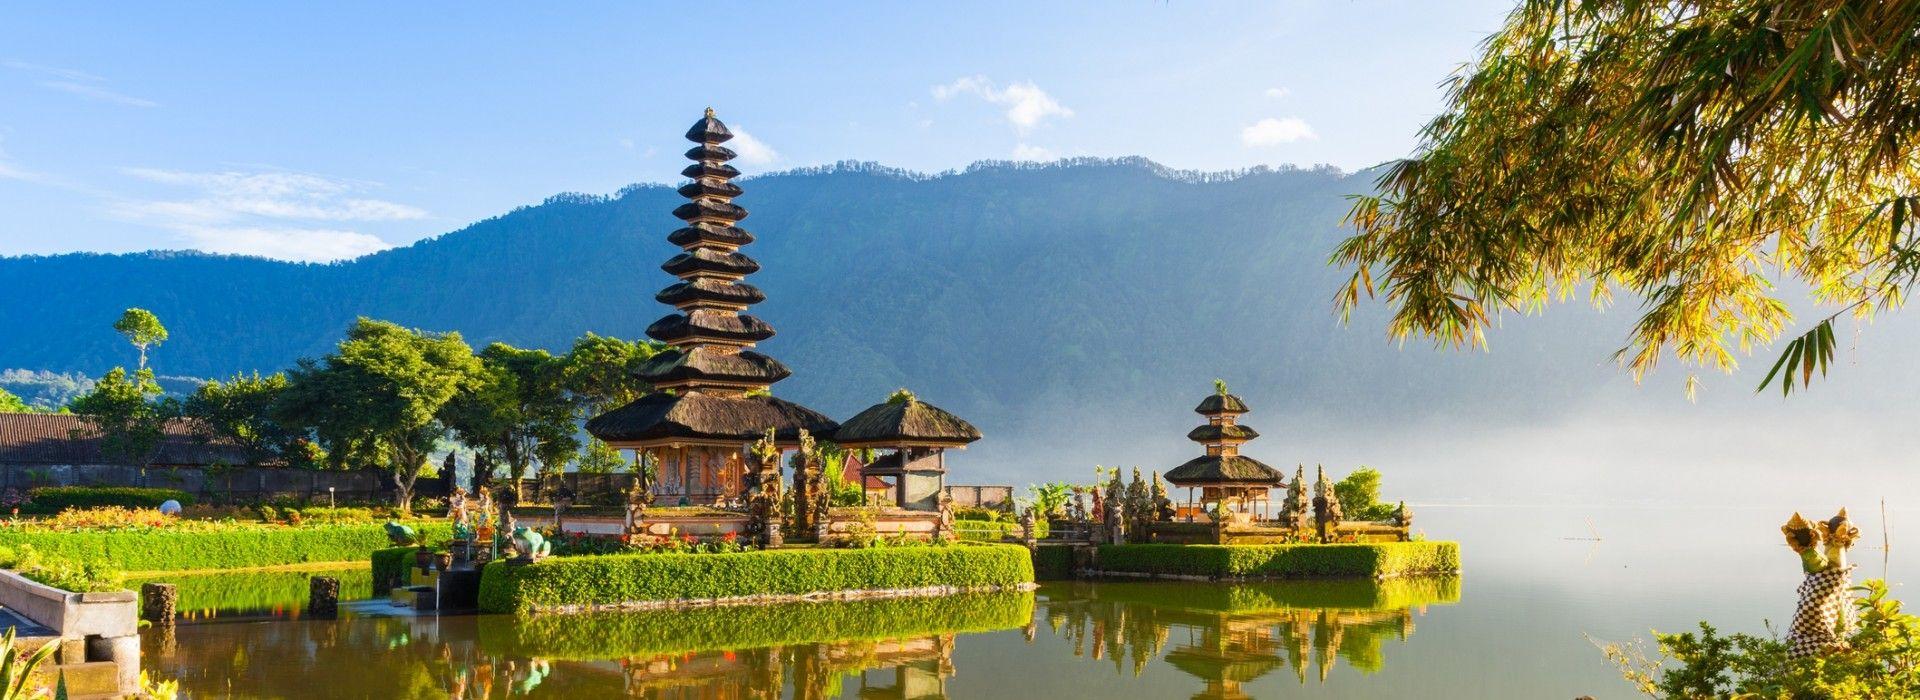 Explorer Tours in Indonesia